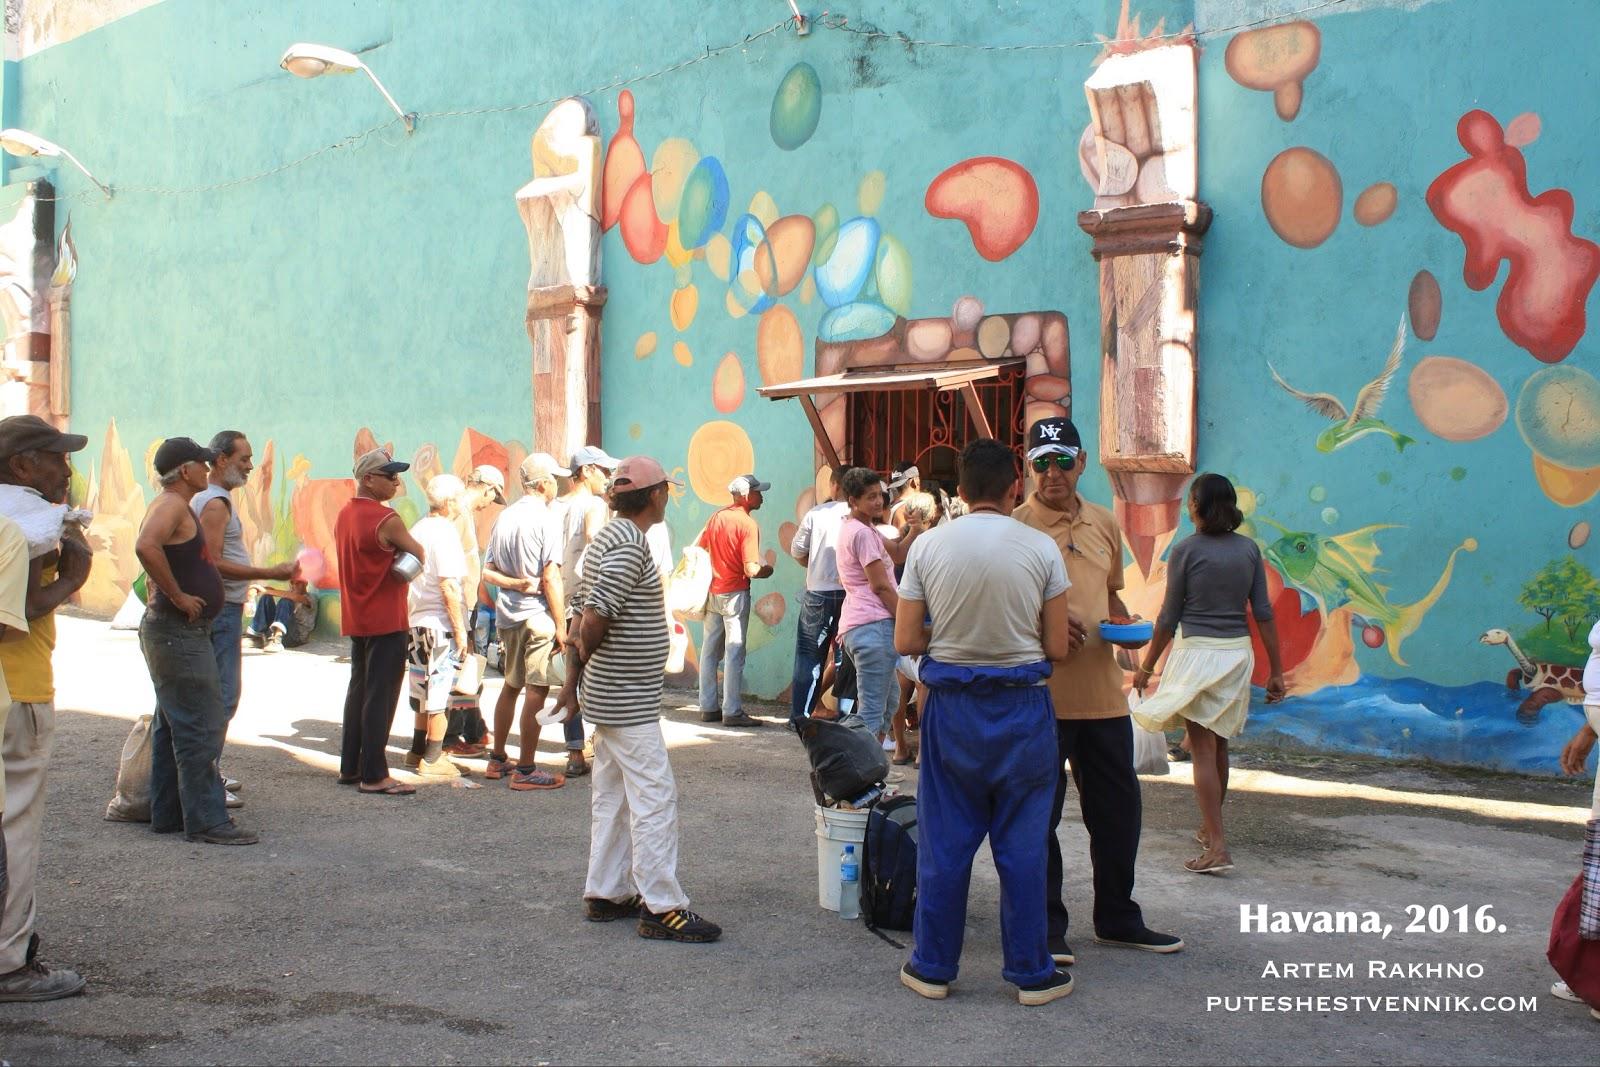 Стена с граффити и люди